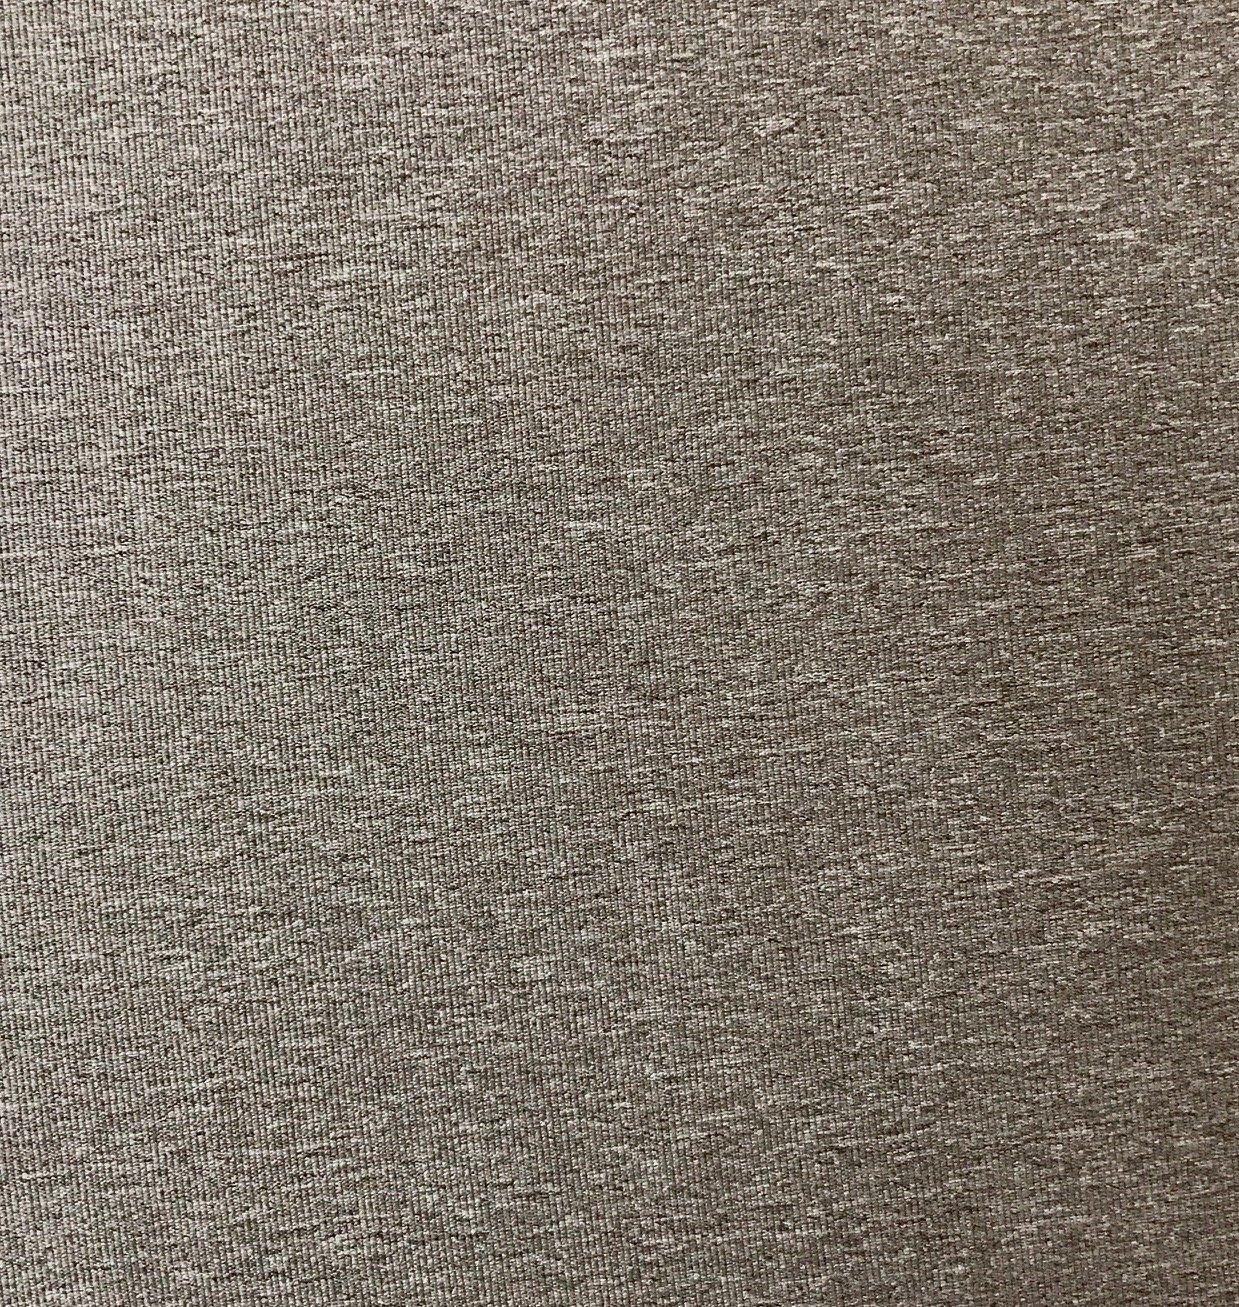 Cotton Modal Lycra - Heather tan